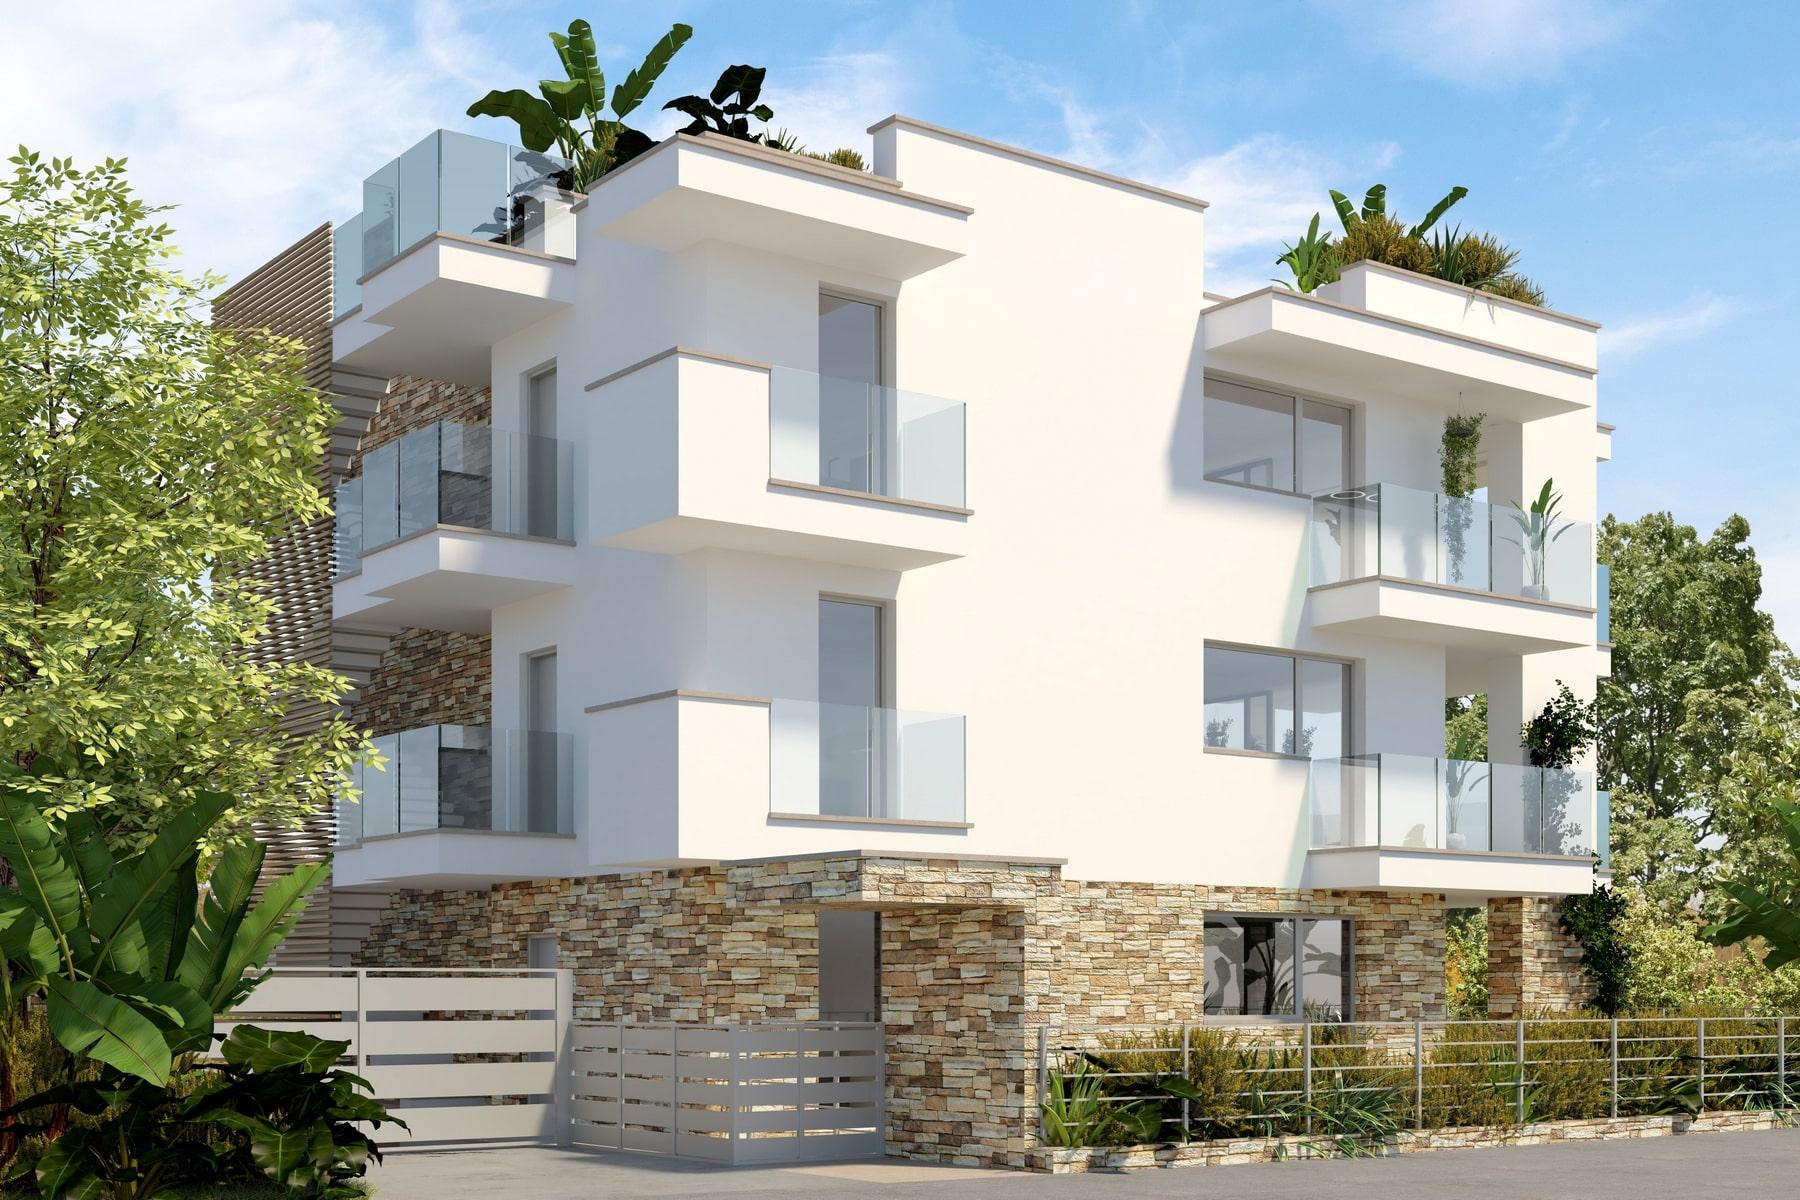 Appartamento in Vendita a Desenzano Del Garda: 5 locali, 180 mq - Foto 2